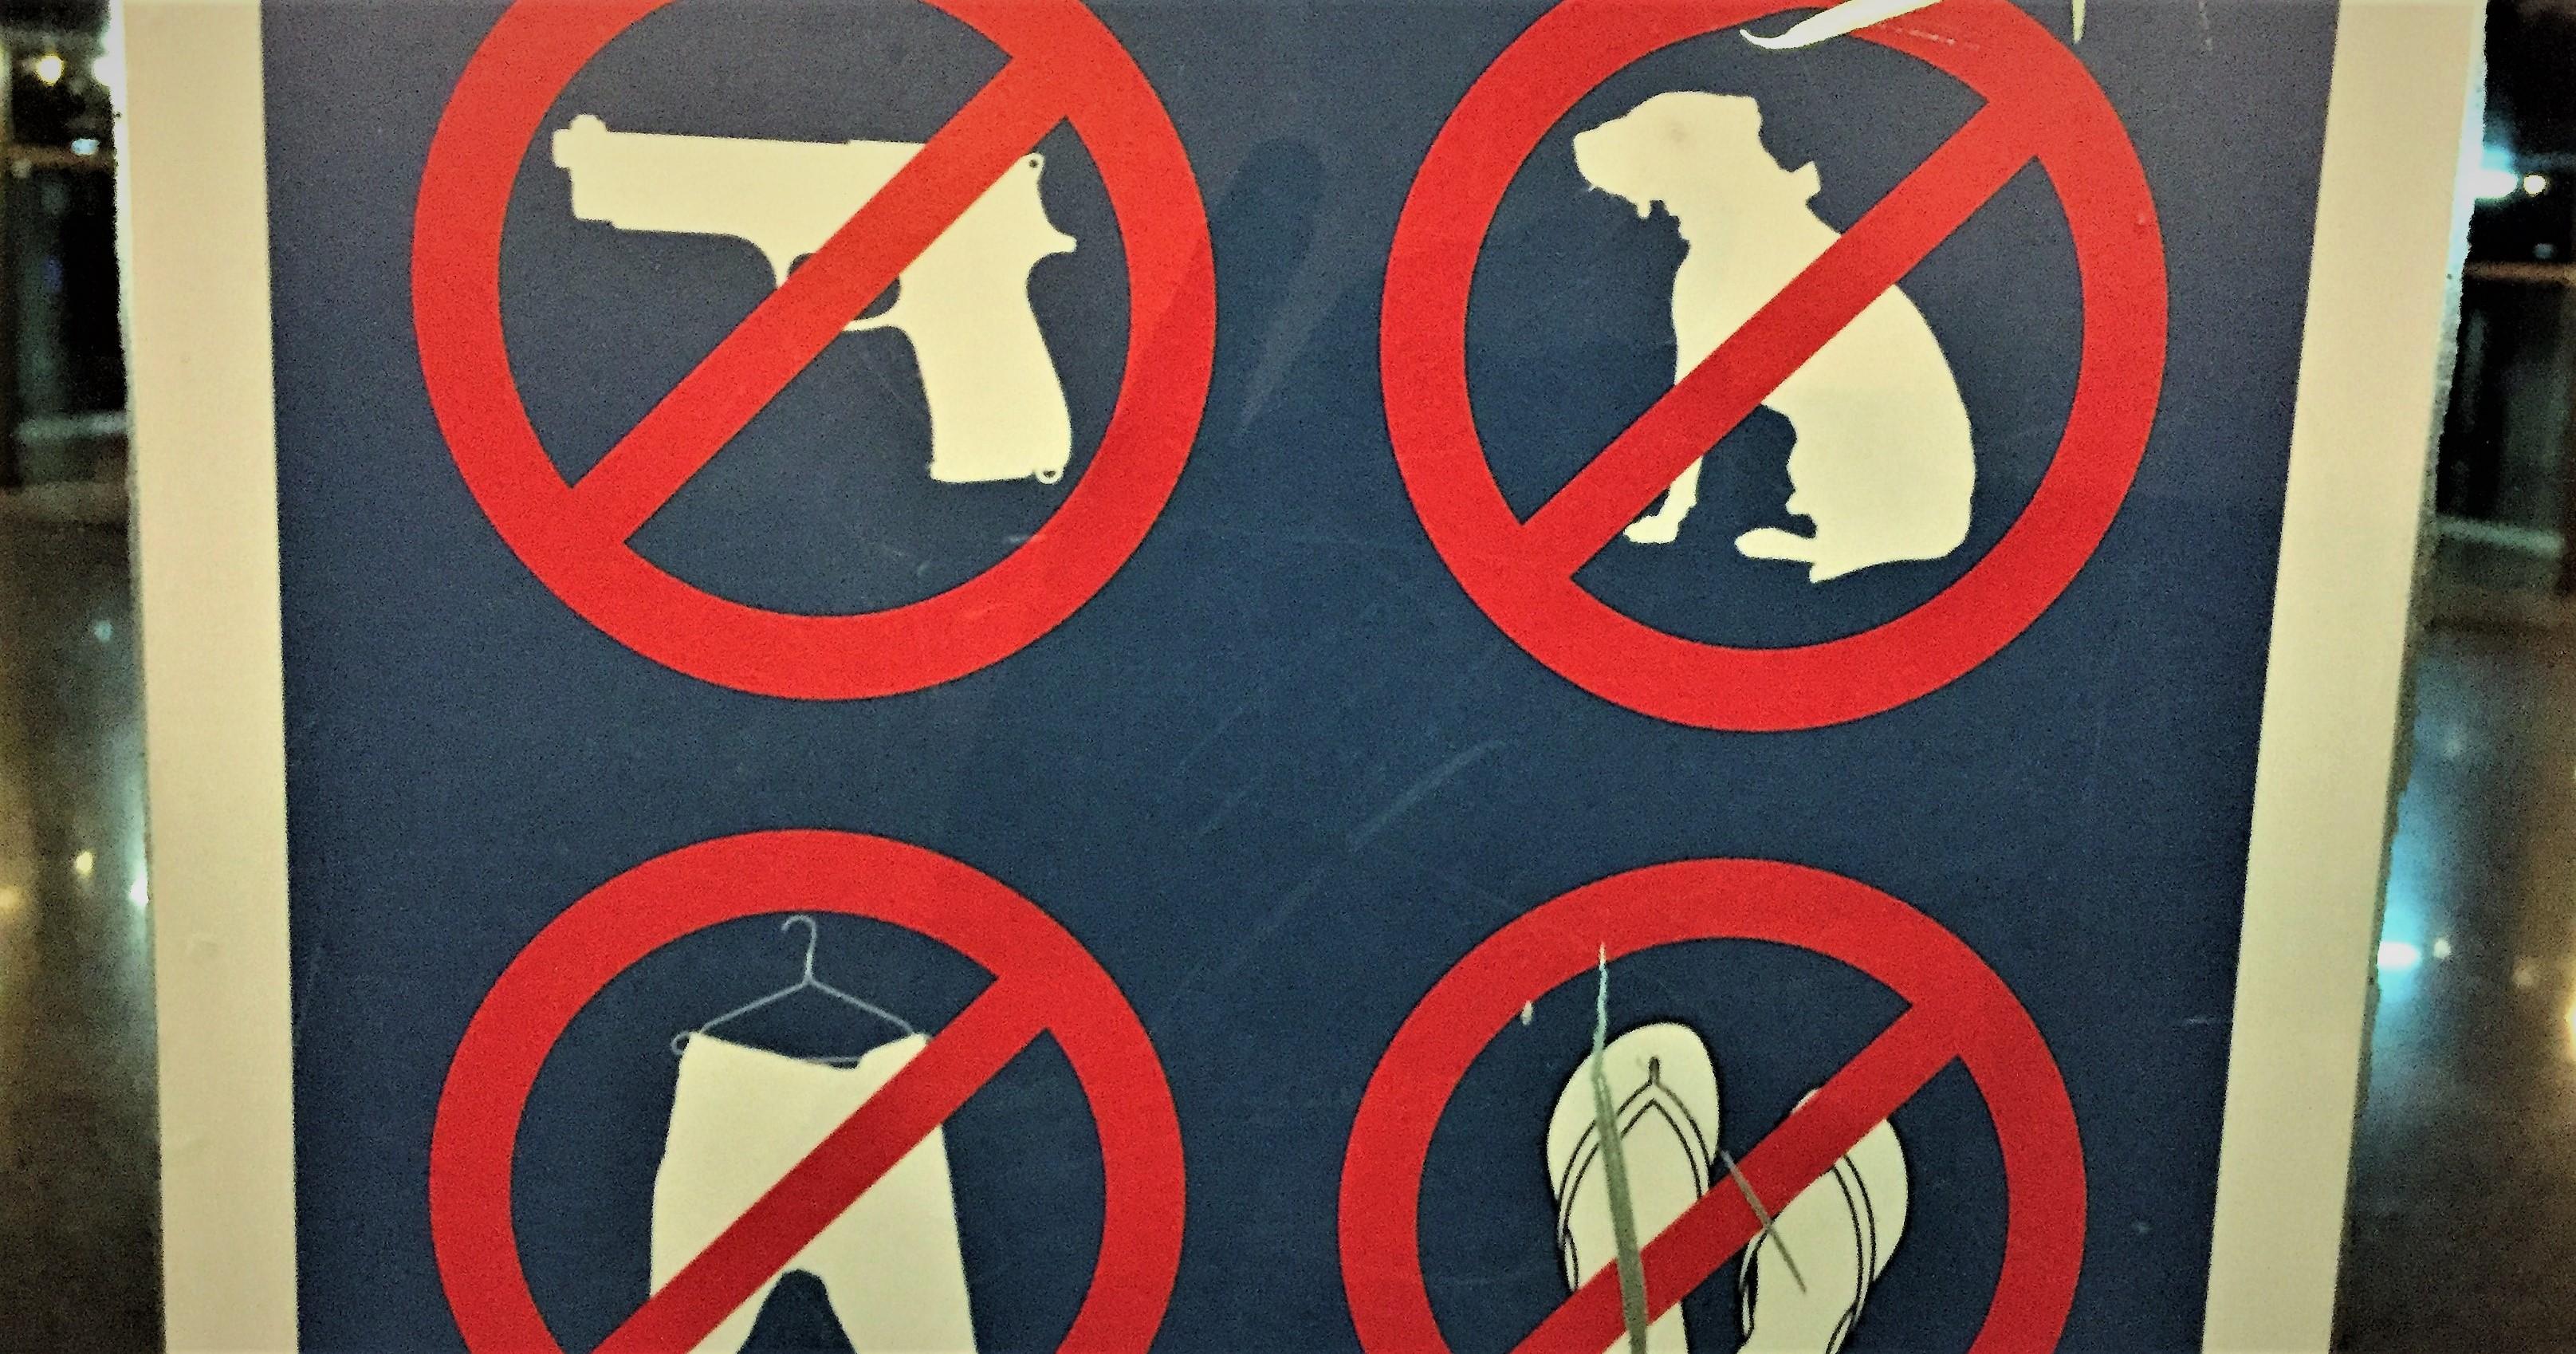 Klare Regeln: Weder Hund noch Waffen!